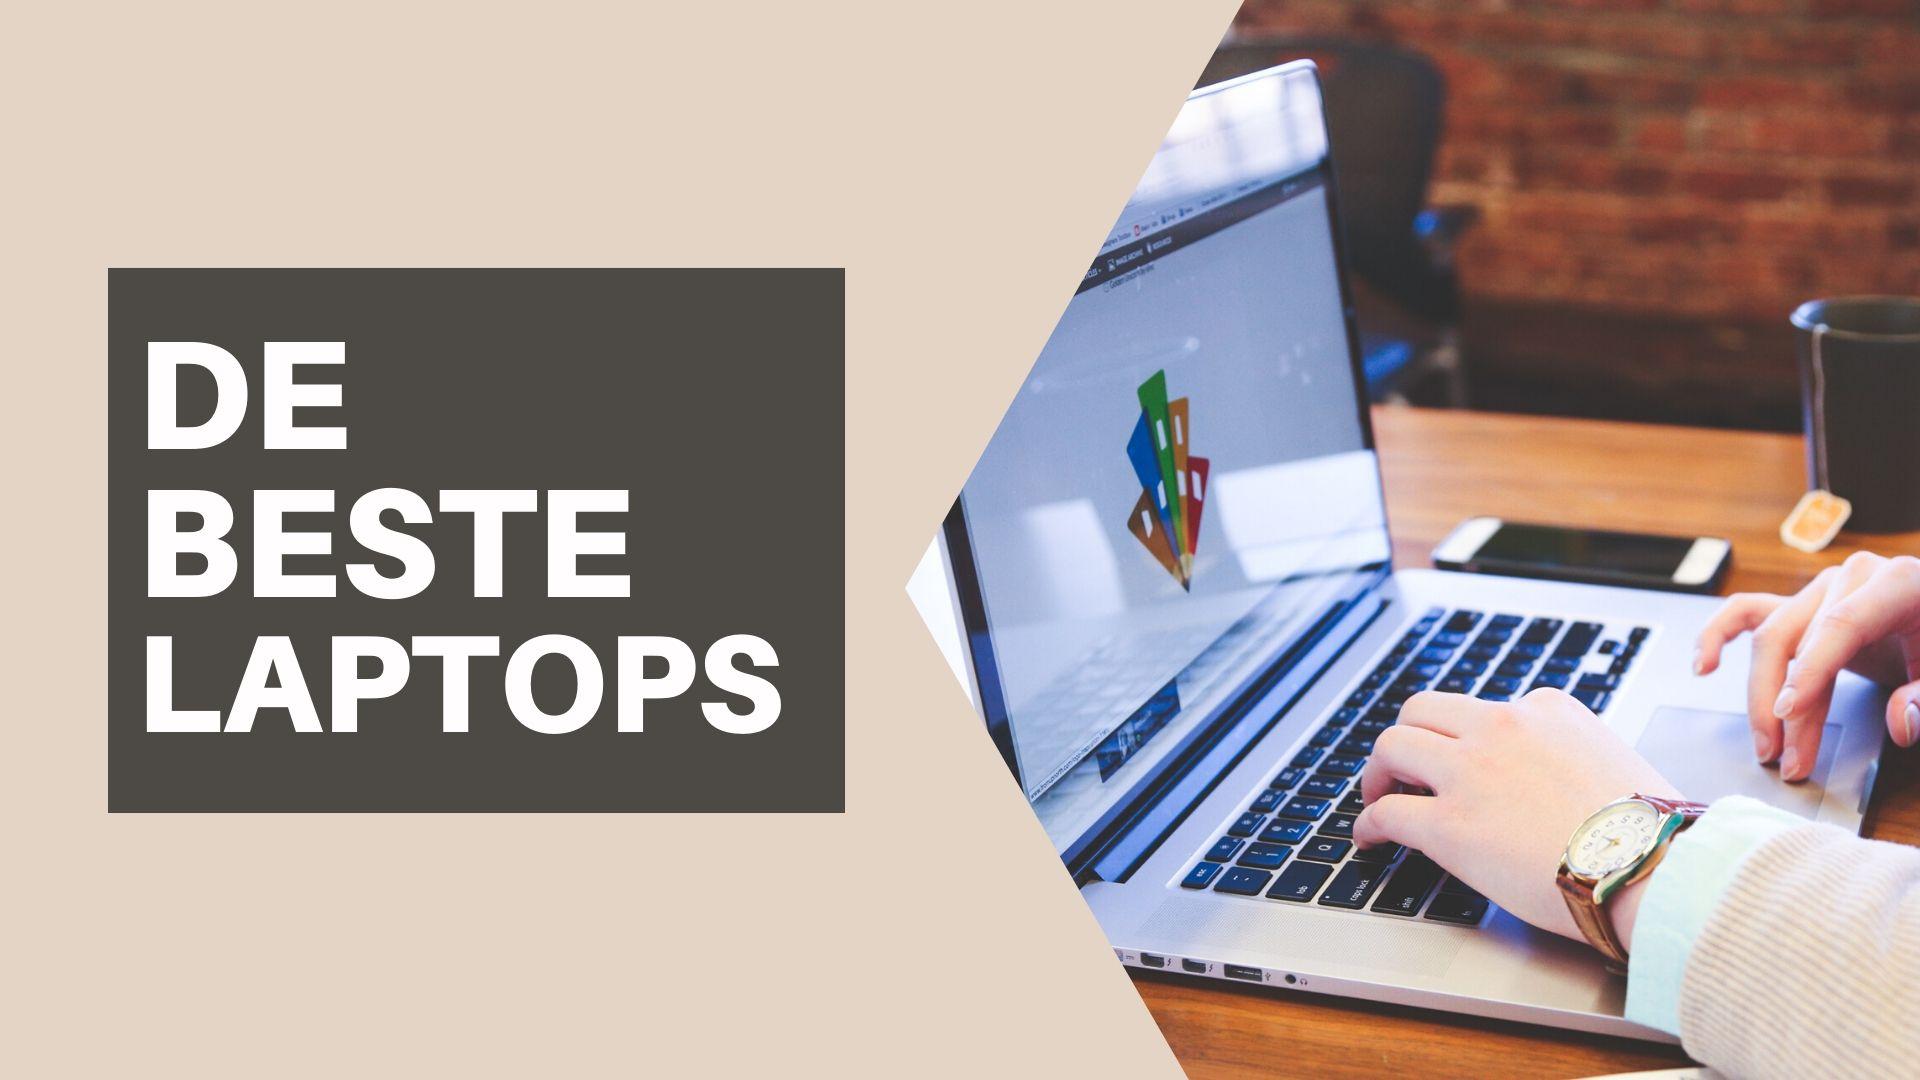 De beste laptop keuzes [Top 10 beste laptop keuzes + Tips voor het kiezen]